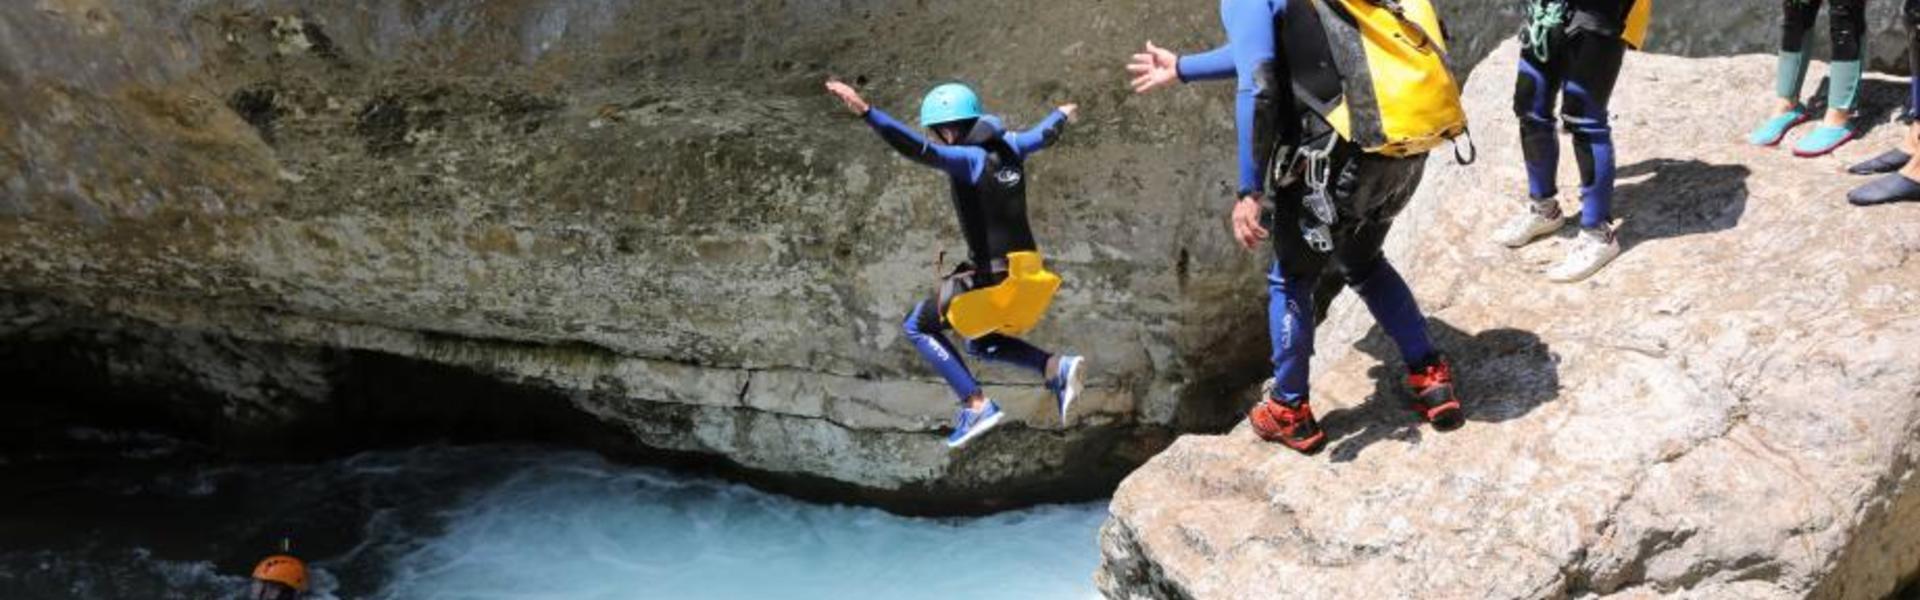 canyoning espagne